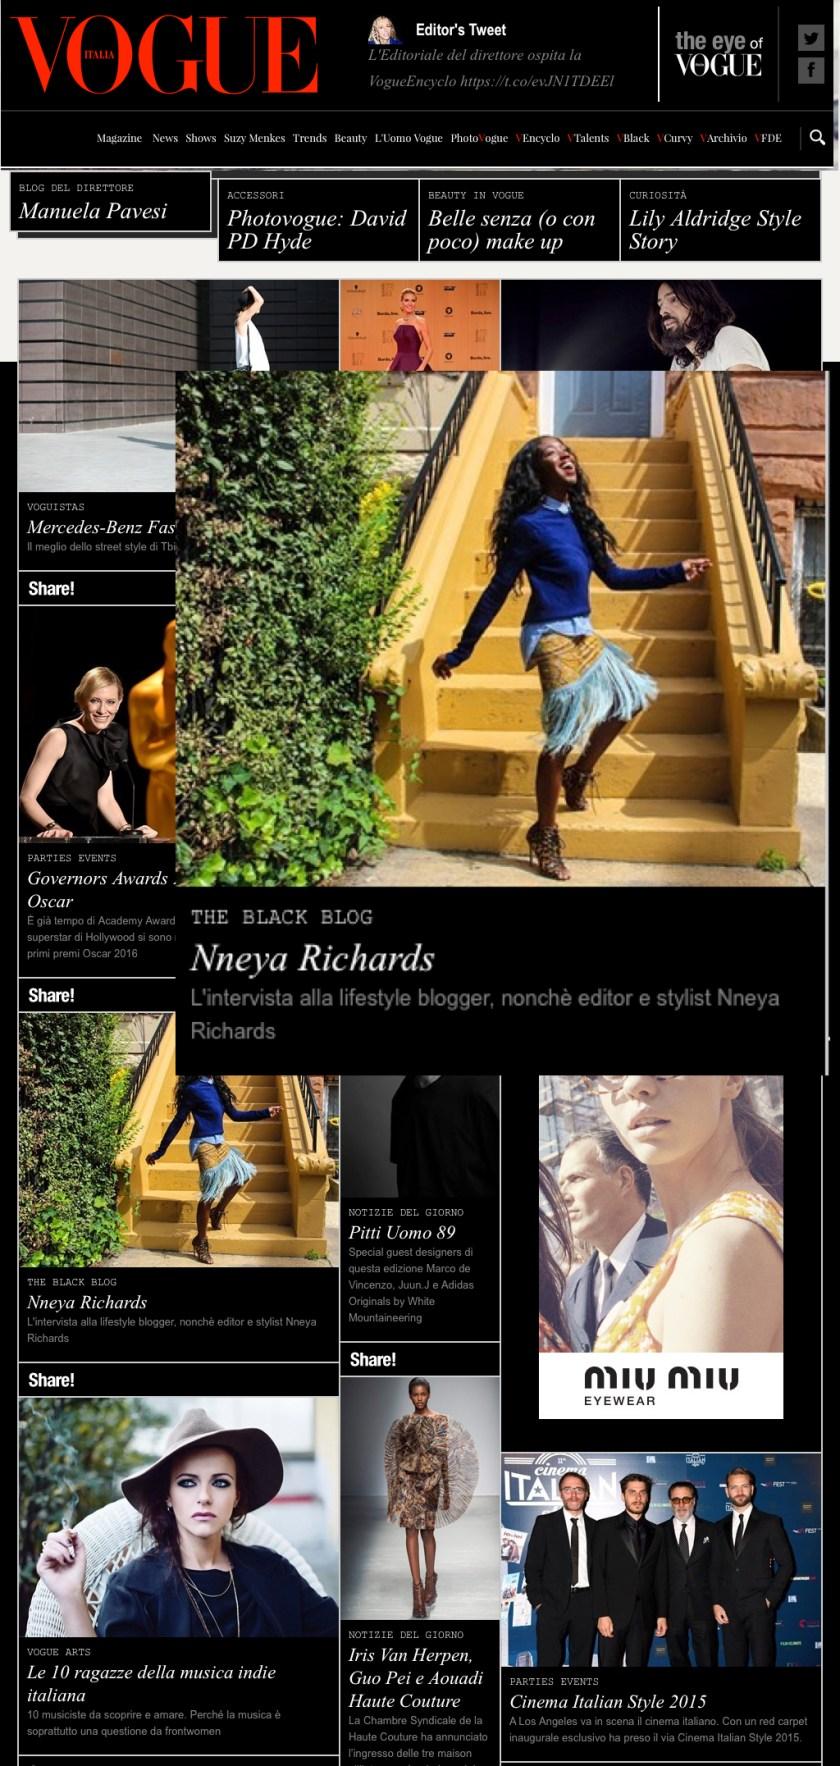 Vogue.it - 11.16 - edit